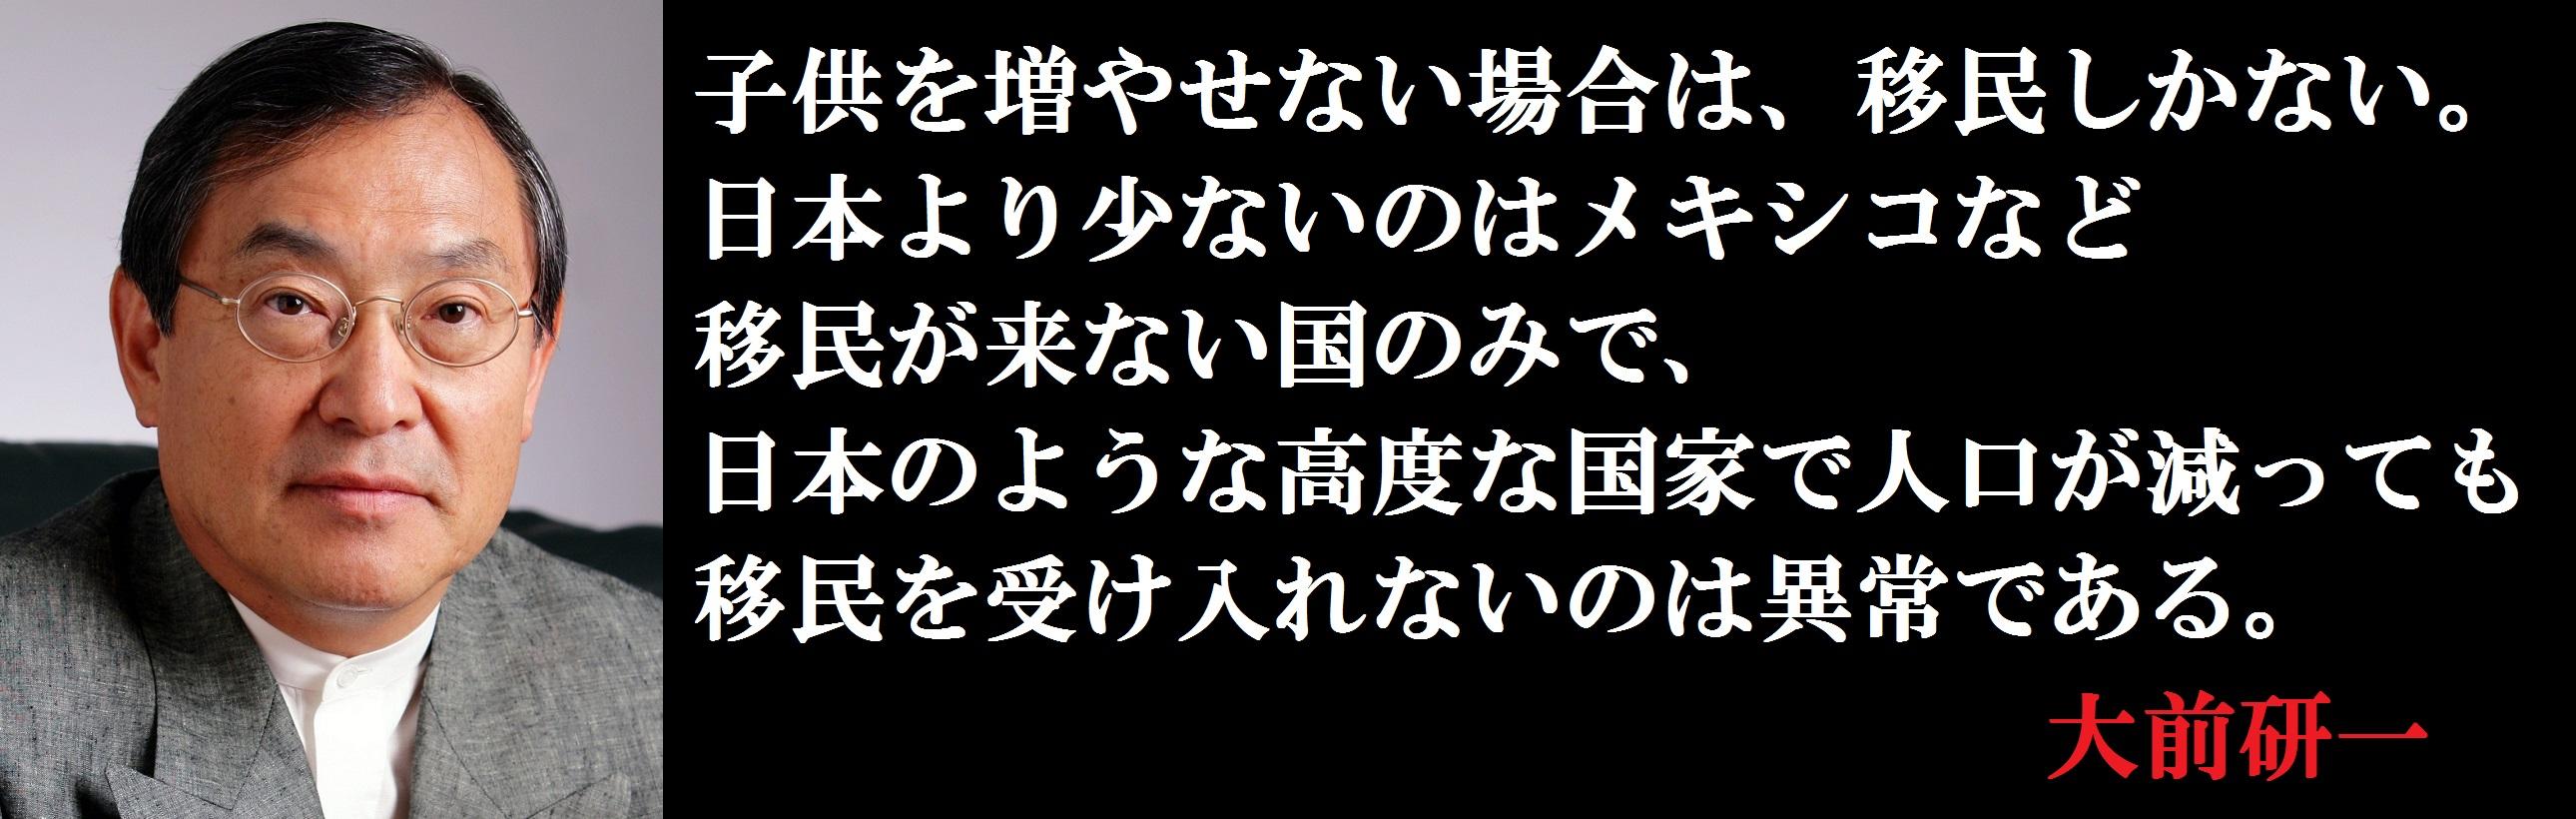 f:id:JAPbuster:20160911133407j:plain